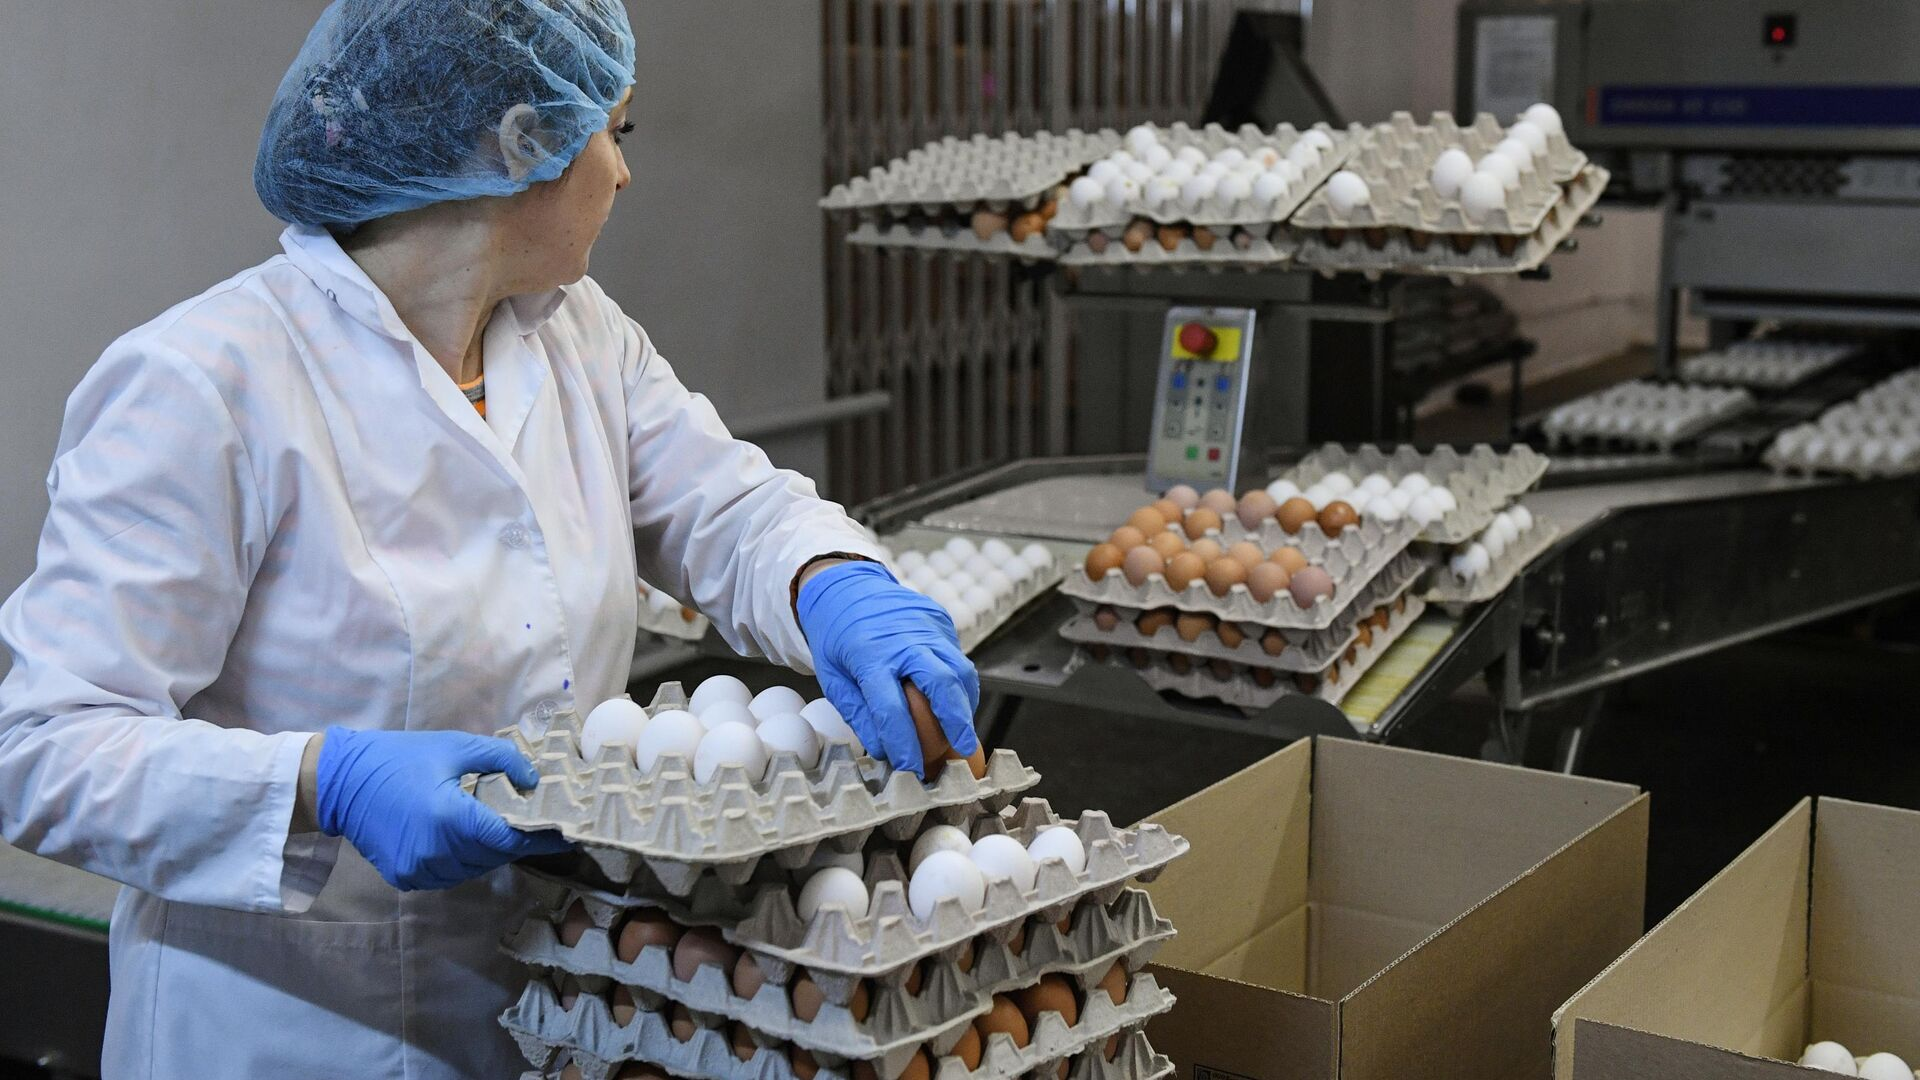 Сотрудница на участке сортировки яиц на птицефабрике Ново-Барышевская в Новосибирской области - РИА Новости, 1920, 03.02.2021